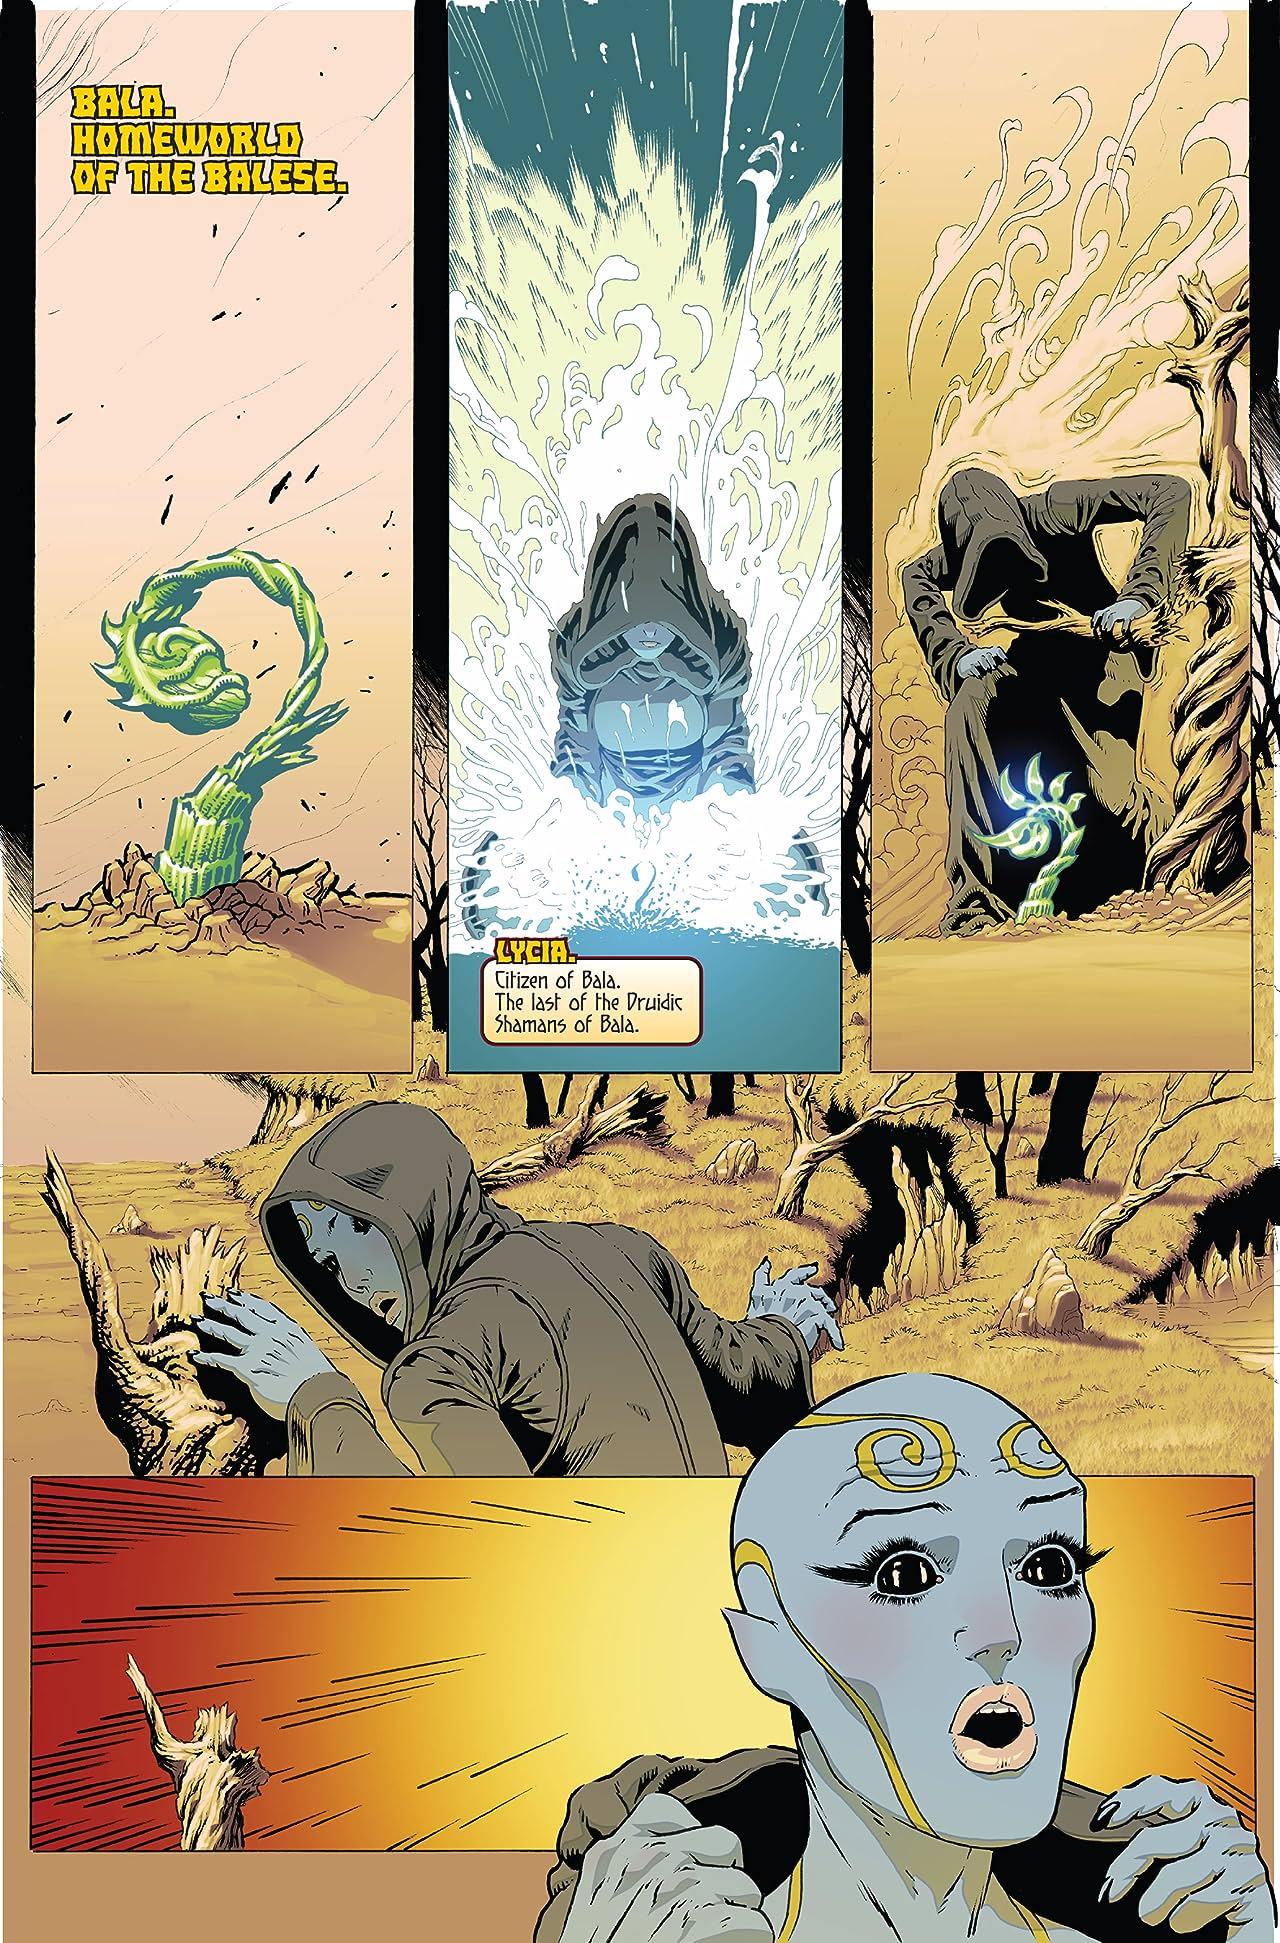 Warlock 5 Vol. 1: The Return